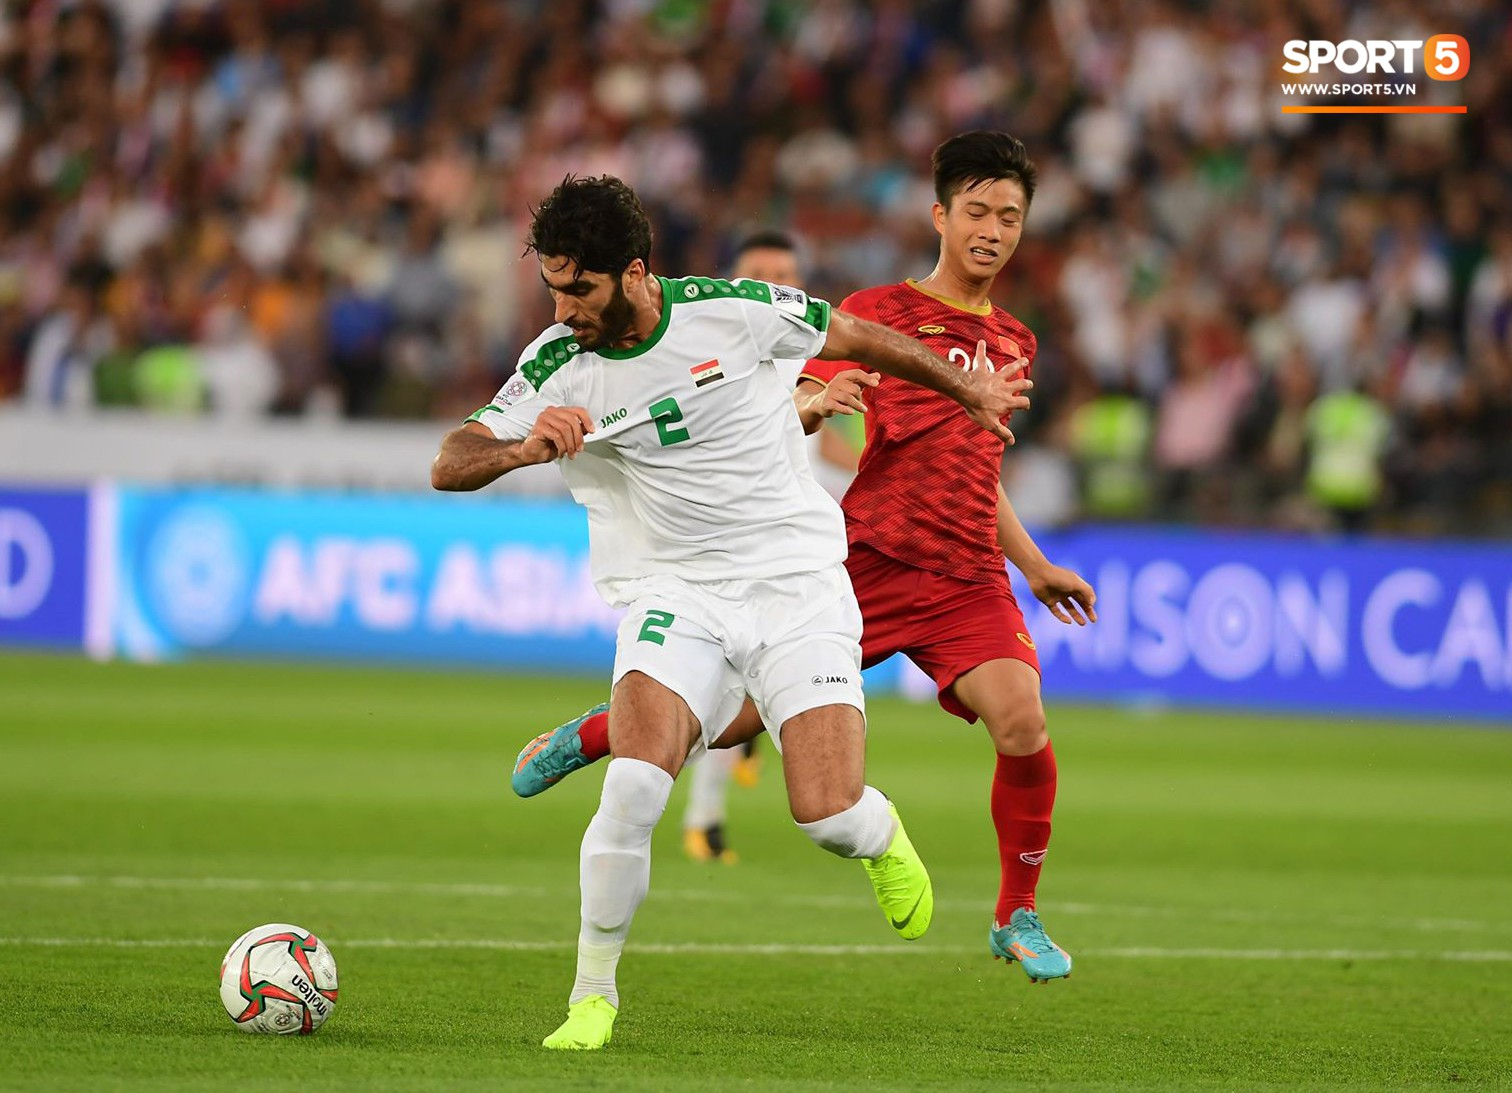 Báo châu Á chấm điểm Iraq 3-2 Việt Nam: Văn Lâm nhận điểm thấp nhất, Công Phượng sáng không ai bằng-9